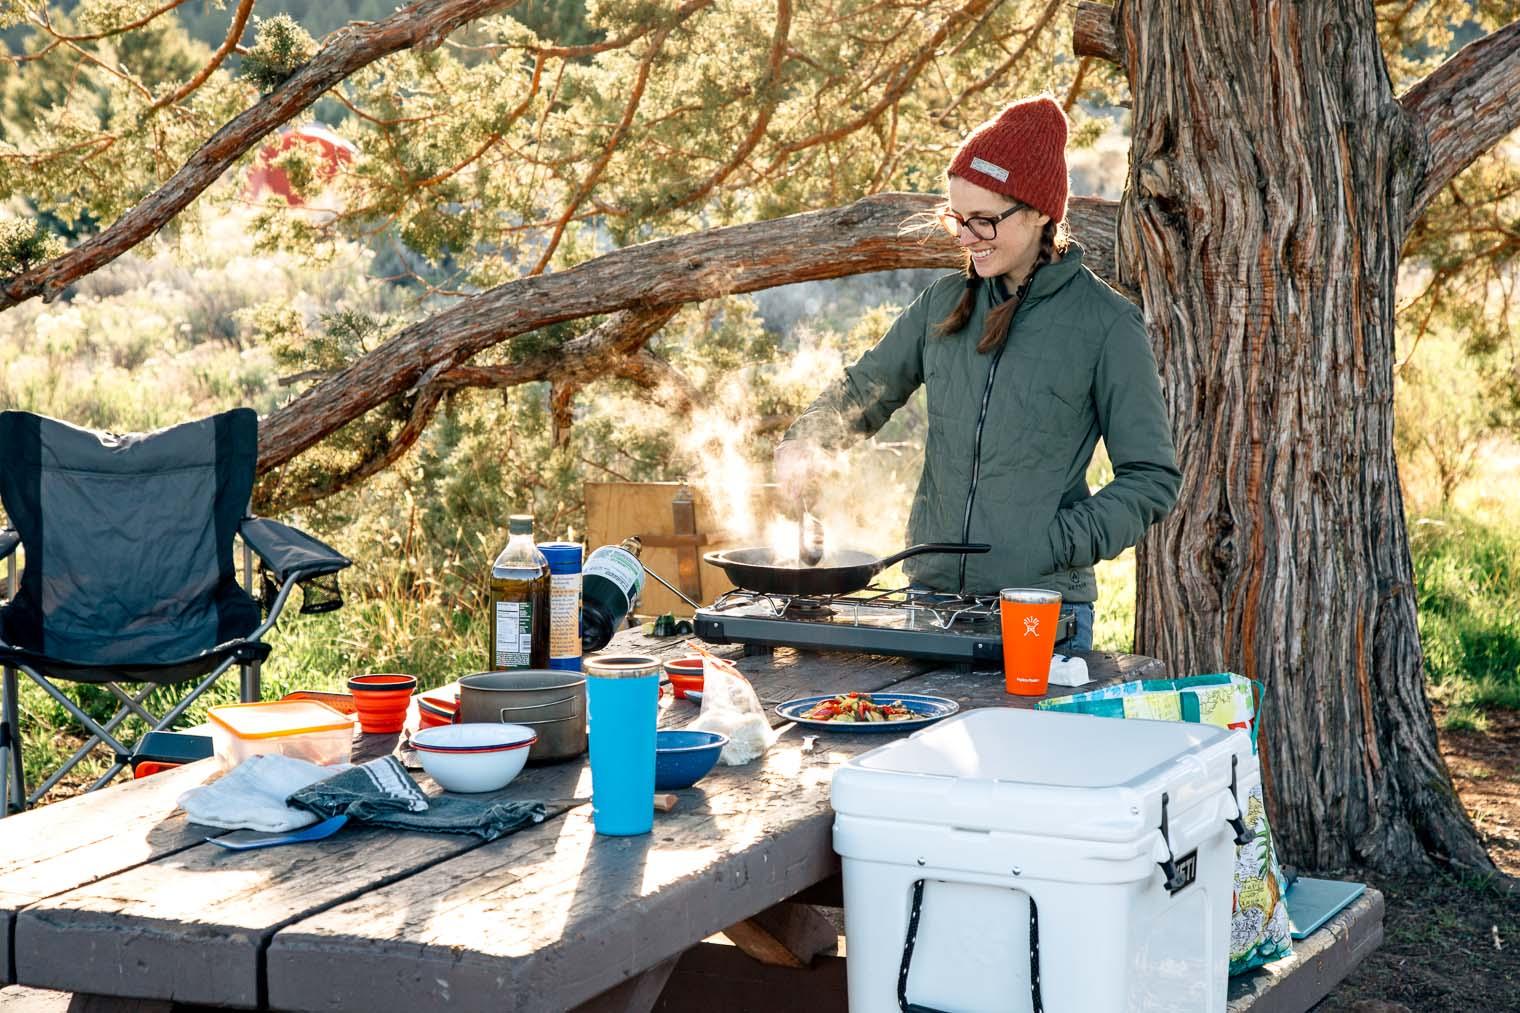 dụng cụ cắm trại